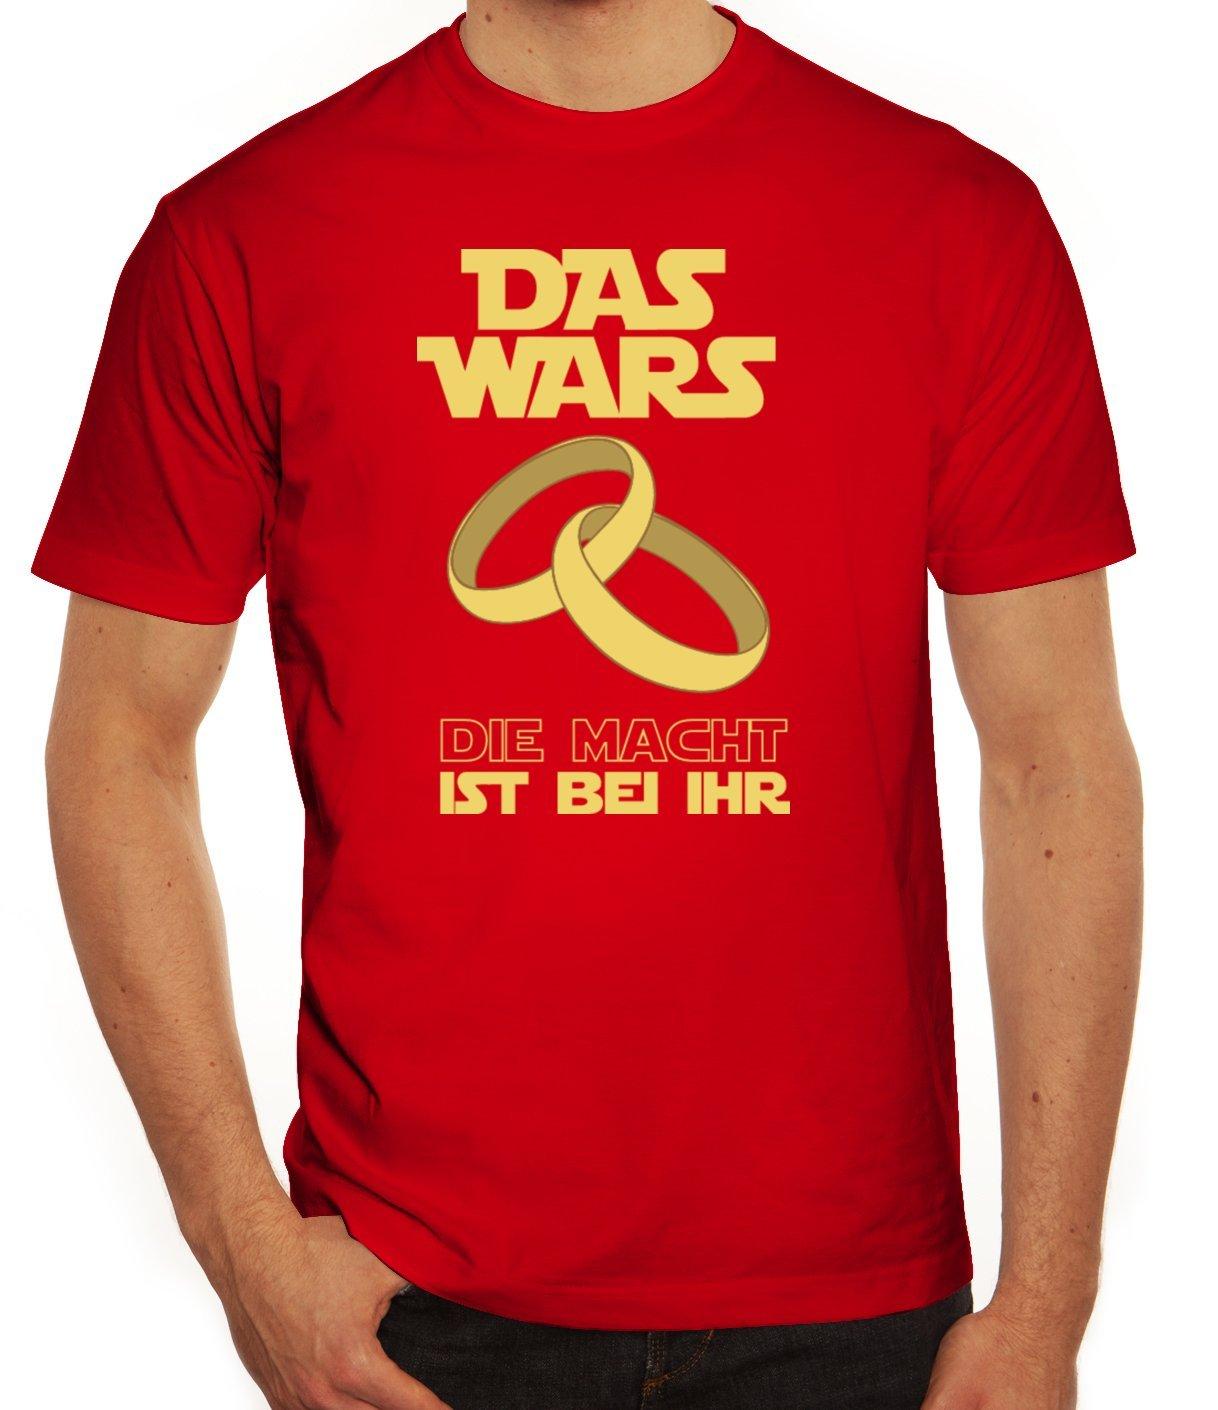 Junggesellenabschieds JGA Hochzeit Herren T-Shirt Das Wars - Die Macht ist  Bei Ihr: Amazon.de: Bekleidung